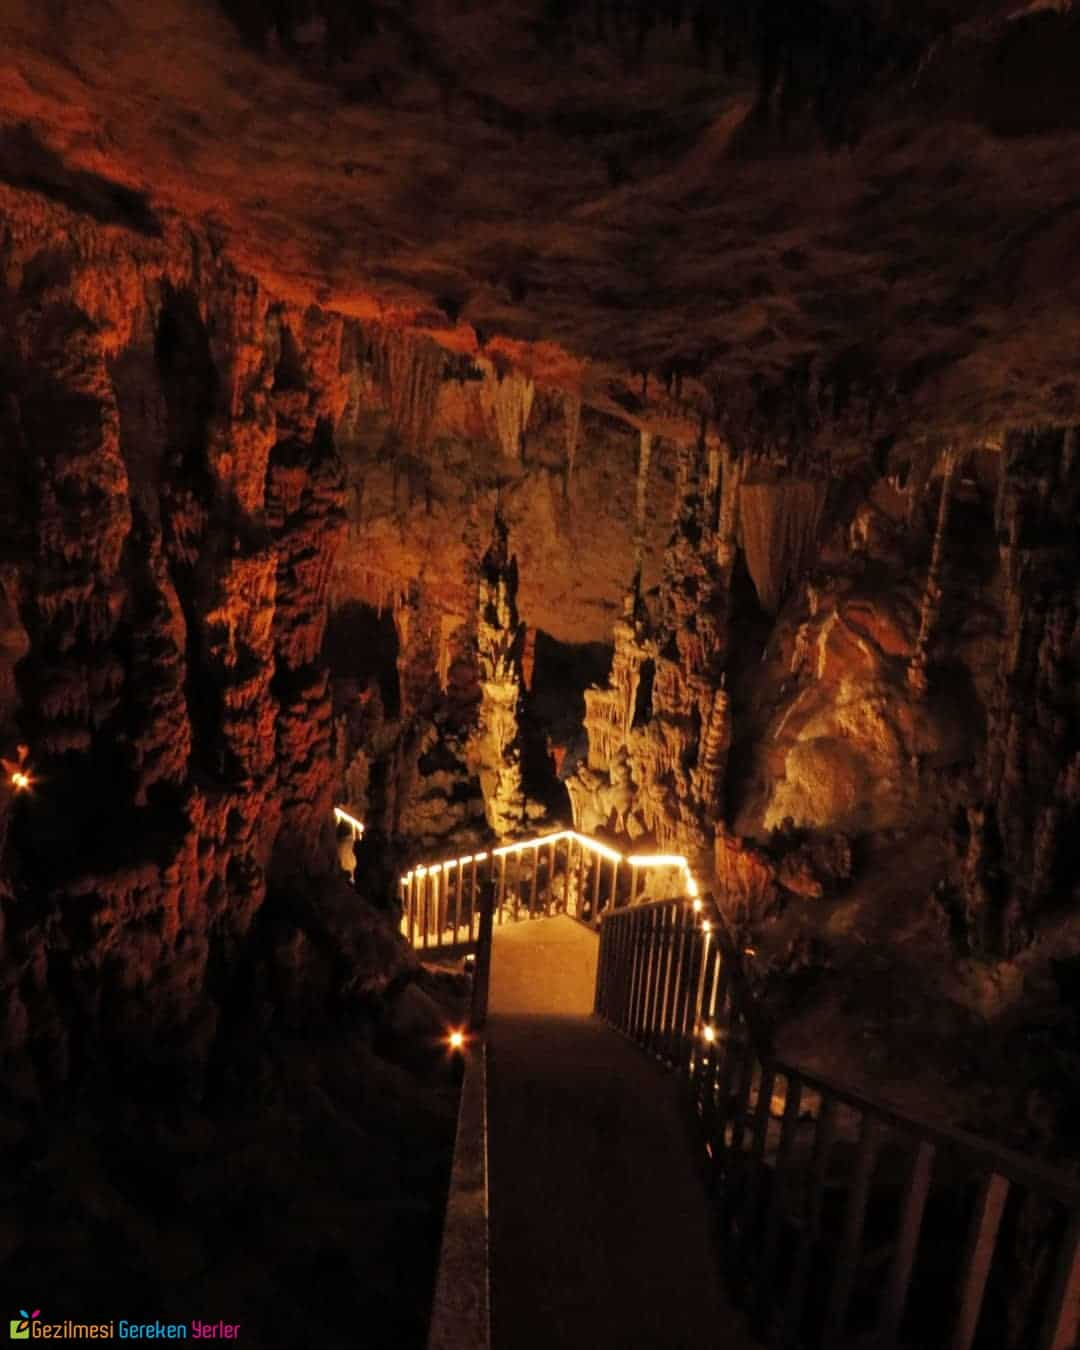 Aynalıgöl Mağarası Ziyaret Saatleri ve Giriş Ücreti